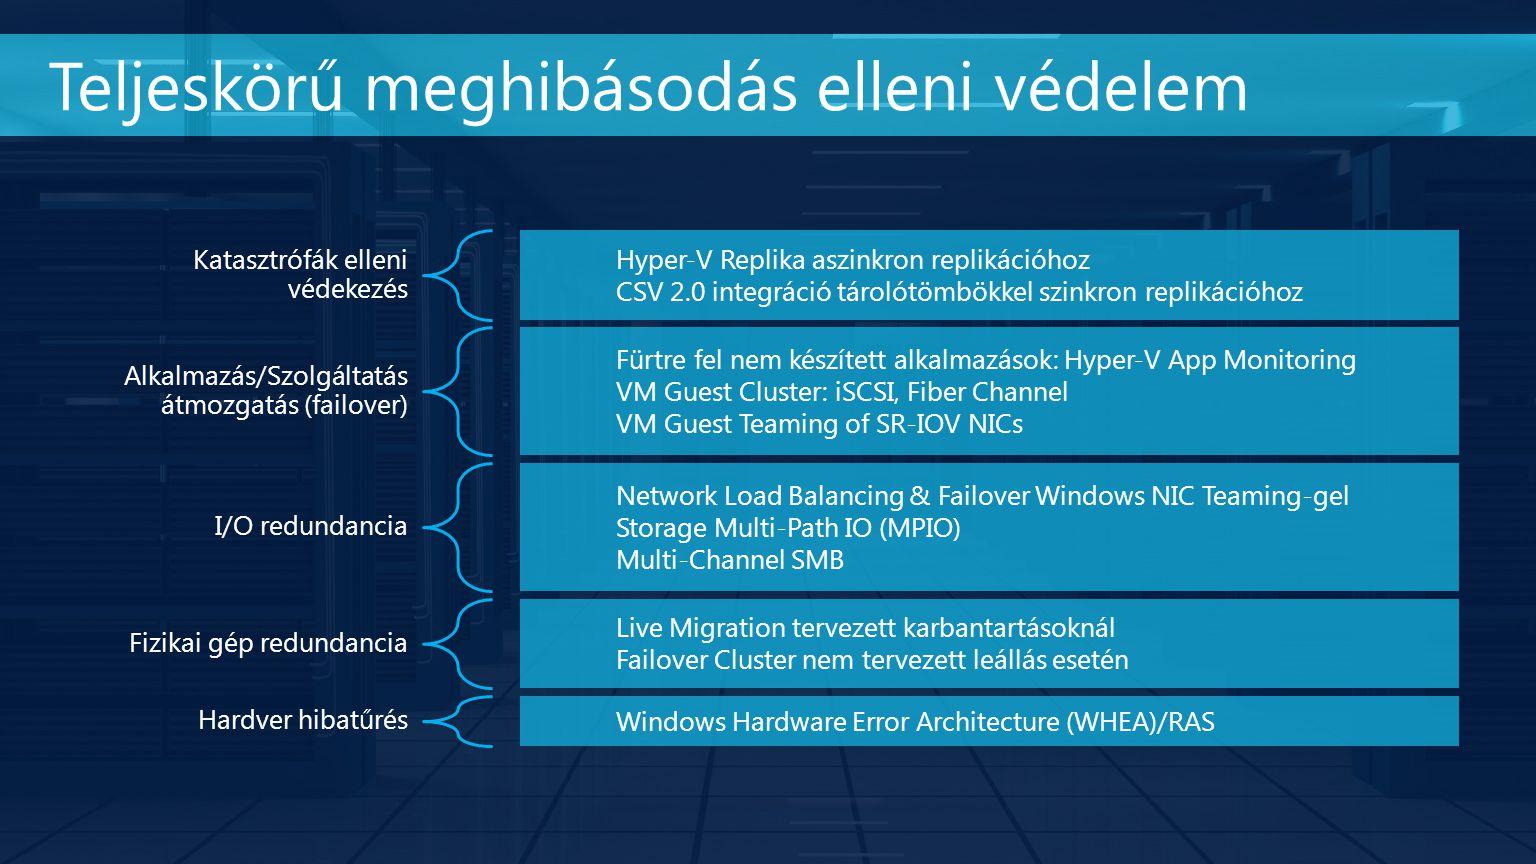 Teljeskörű meghibásodás elleni védelem Katasztrófák elleni védekezés Hyper-V Replika aszinkron replikációhoz CSV 2.0 integráció tárolótömbökkel szinkron replikációhoz Alkalmazás/Szolgáltatás átmozgatás (failover) Fürtre fel nem készített alkalmazások: Hyper-V App Monitoring VM Guest Cluster: iSCSI, Fiber Channel VM Guest Teaming of SR-IOV NICs I/O redundancia Network Load Balancing & Failover Windows NIC Teaming-gel Storage Multi-Path IO (MPIO) Multi-Channel SMB Fizikai gép redundancia Live Migration tervezett karbantartásoknál Failover Cluster nem tervezett leállás esetén Hardver hibatűrés Windows Hardware Error Architecture (WHEA)/RAS